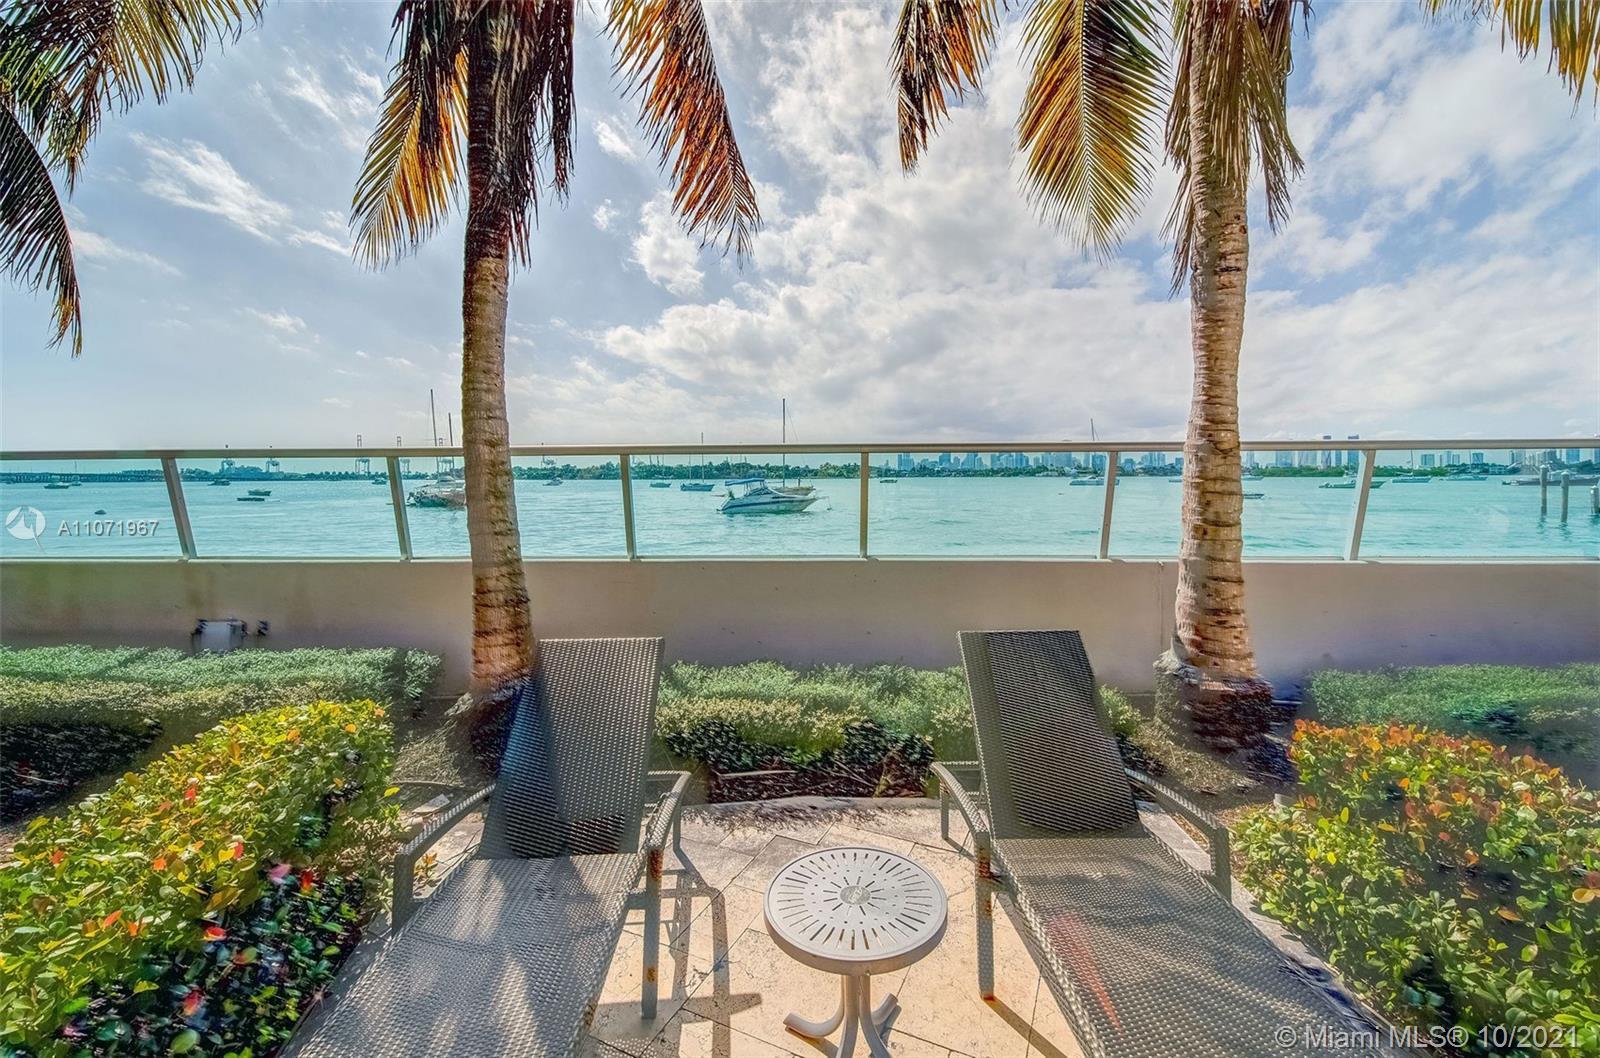 Flamingo South Beach #S-0704 - 1500 Bay Rd #S-0704, Miami Beach, FL 33139